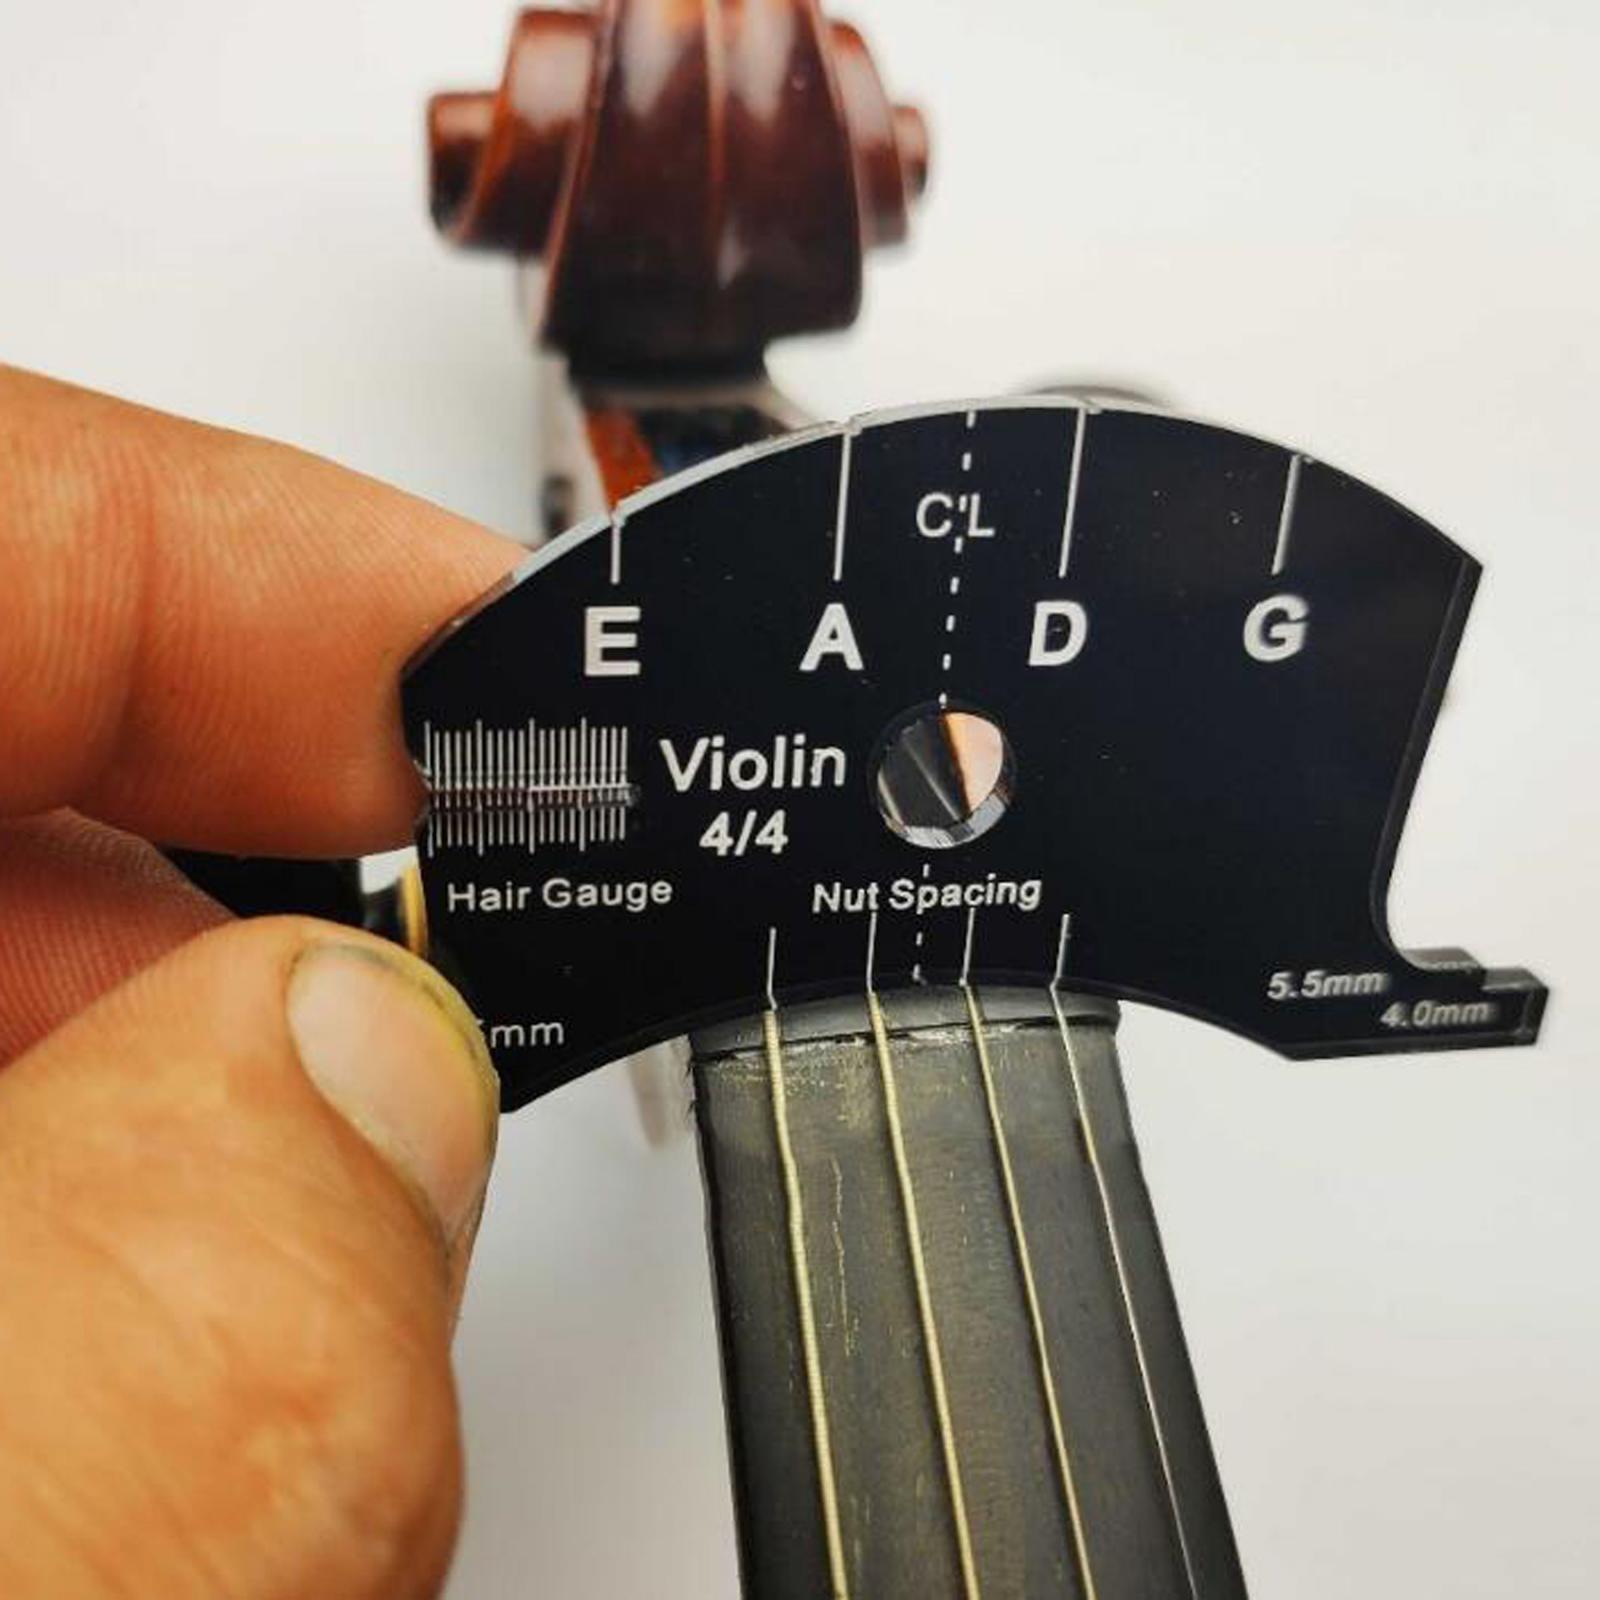 1 2 3 4 4 4 violin bridge mold repair template tool for viola violin accessories 1/2 3/4 4/4 Violin Bridge Mold Repair Template Tool for Viola Violin Accessories